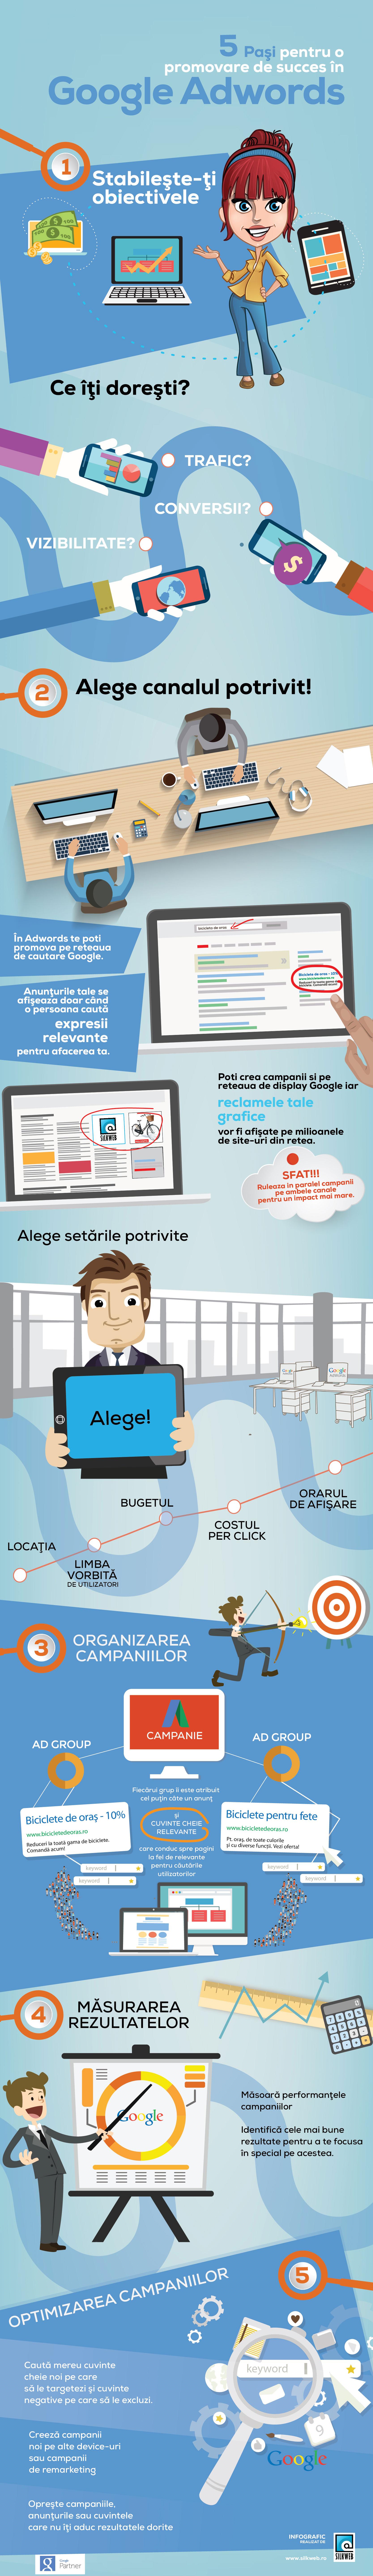 5 Pasi Pentru Campanii de Succes in Google Adwords – Infografic